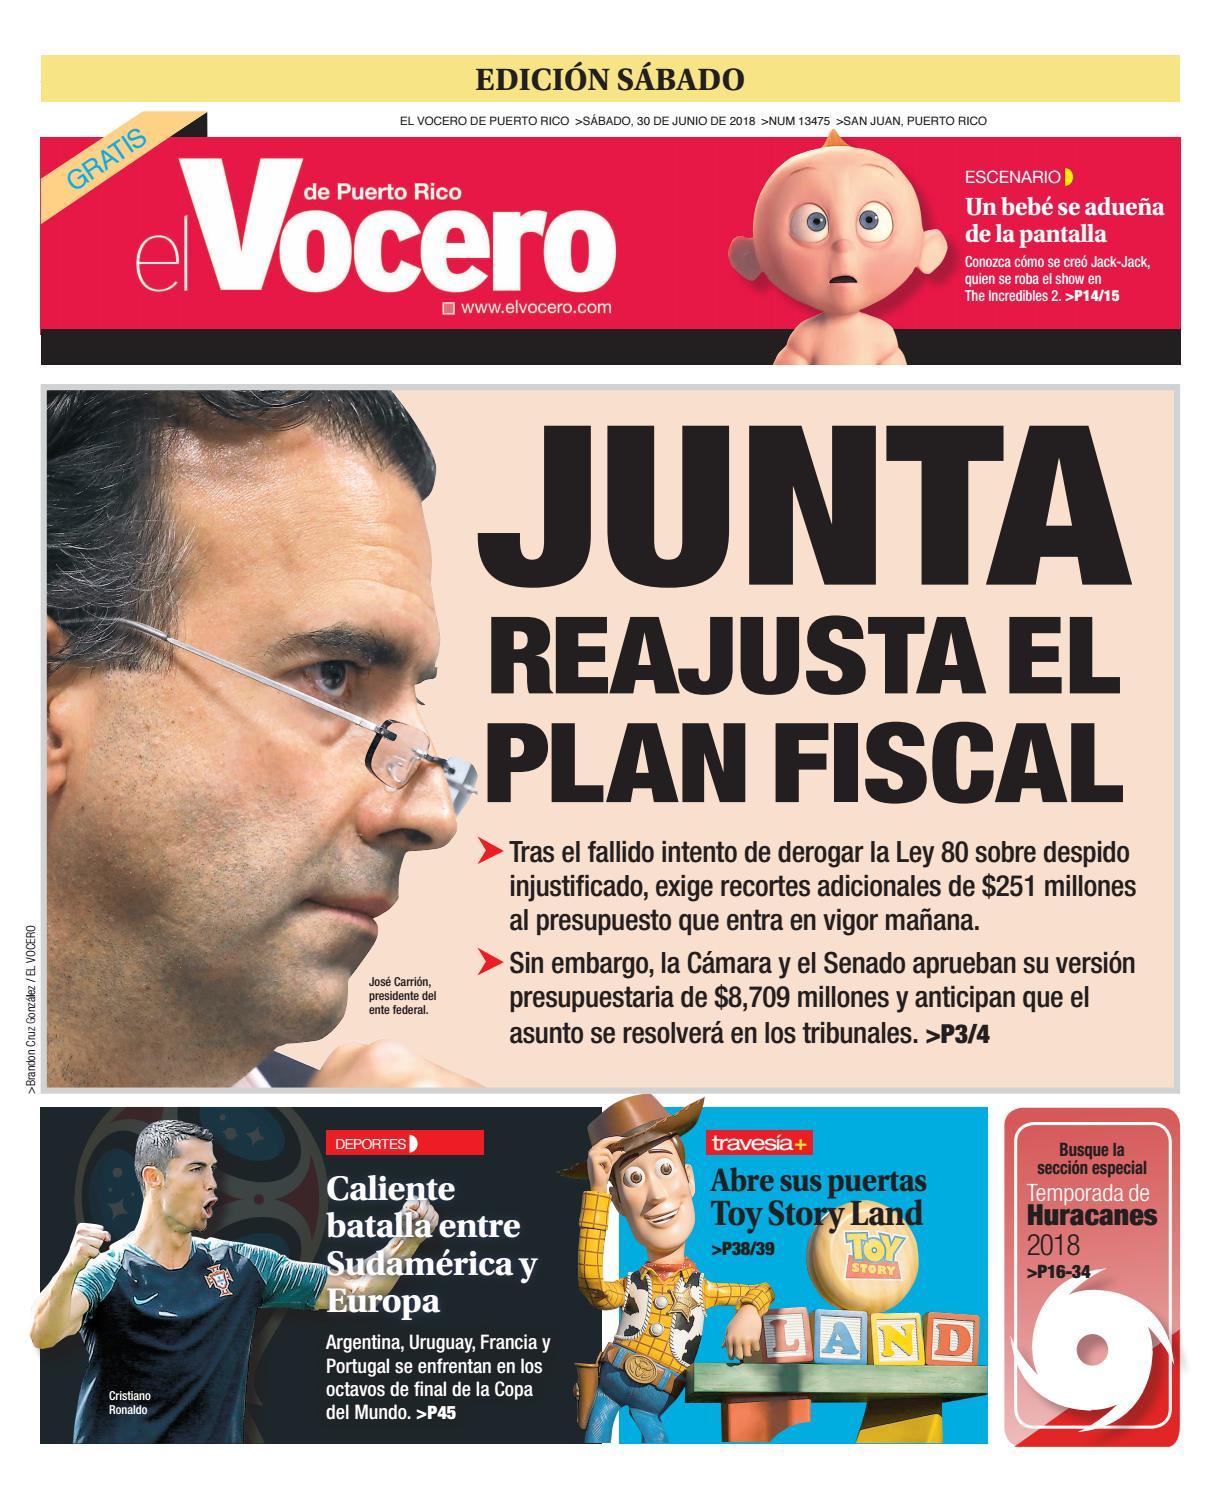 33a0ef09a Edición del 30 de junio de 2018 by El Vocero de Puerto Rico - issuu